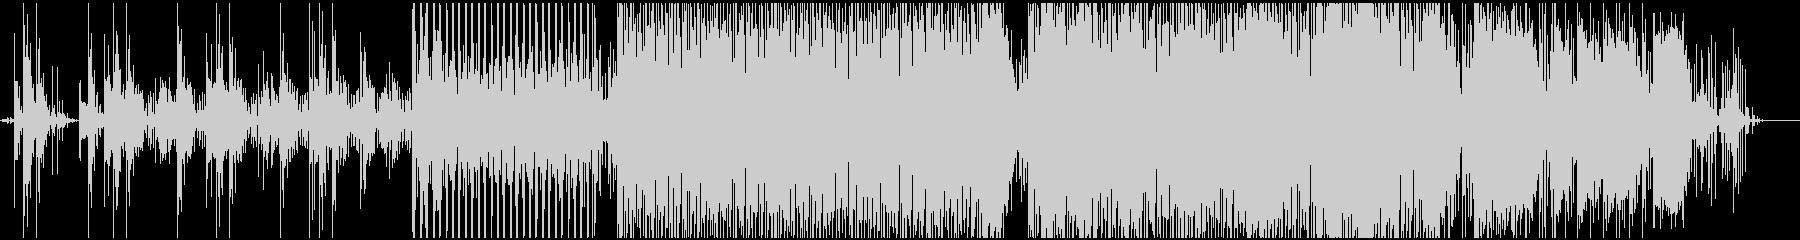 浮遊感のあるシンセサウンドの未再生の波形